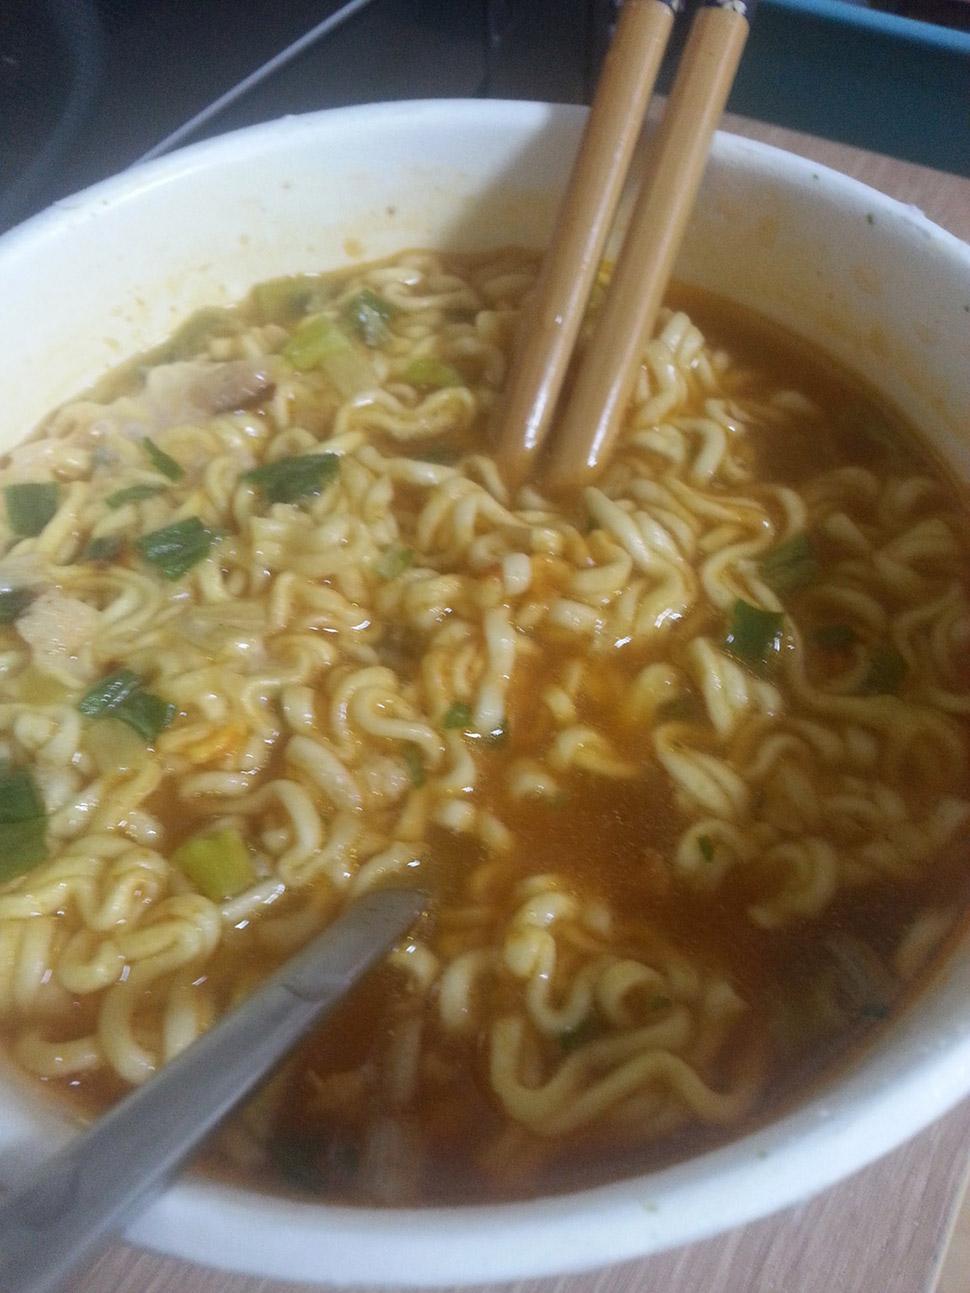 Лапша моментального приготовления, которую так любят азиаты, выглядит не очень заманчиво.